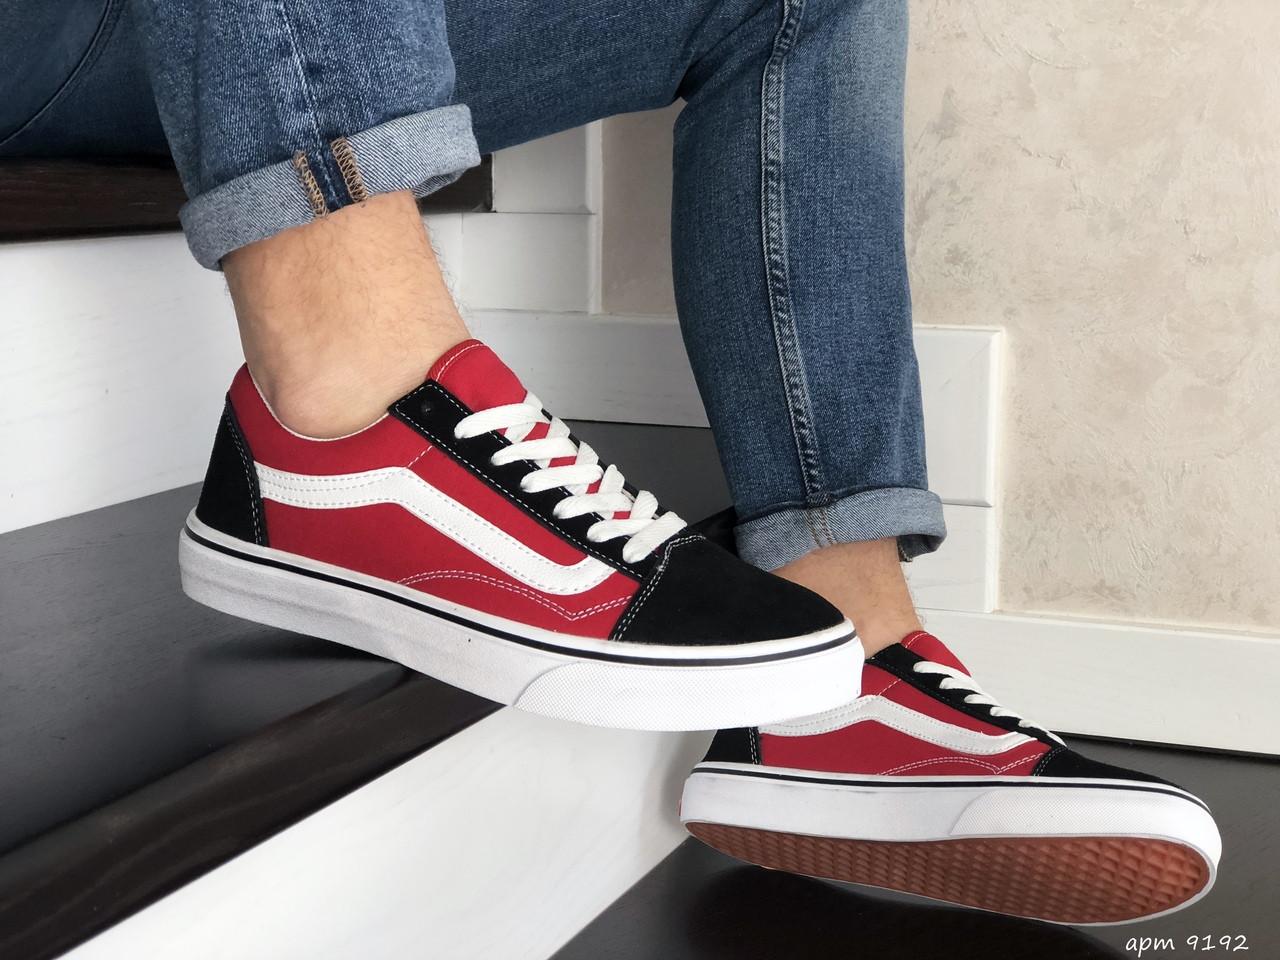 Чоловічі кеди - кросівки Vans чорні з червоним / чоловічі кеді Ванс (Топ репліка ААА+)